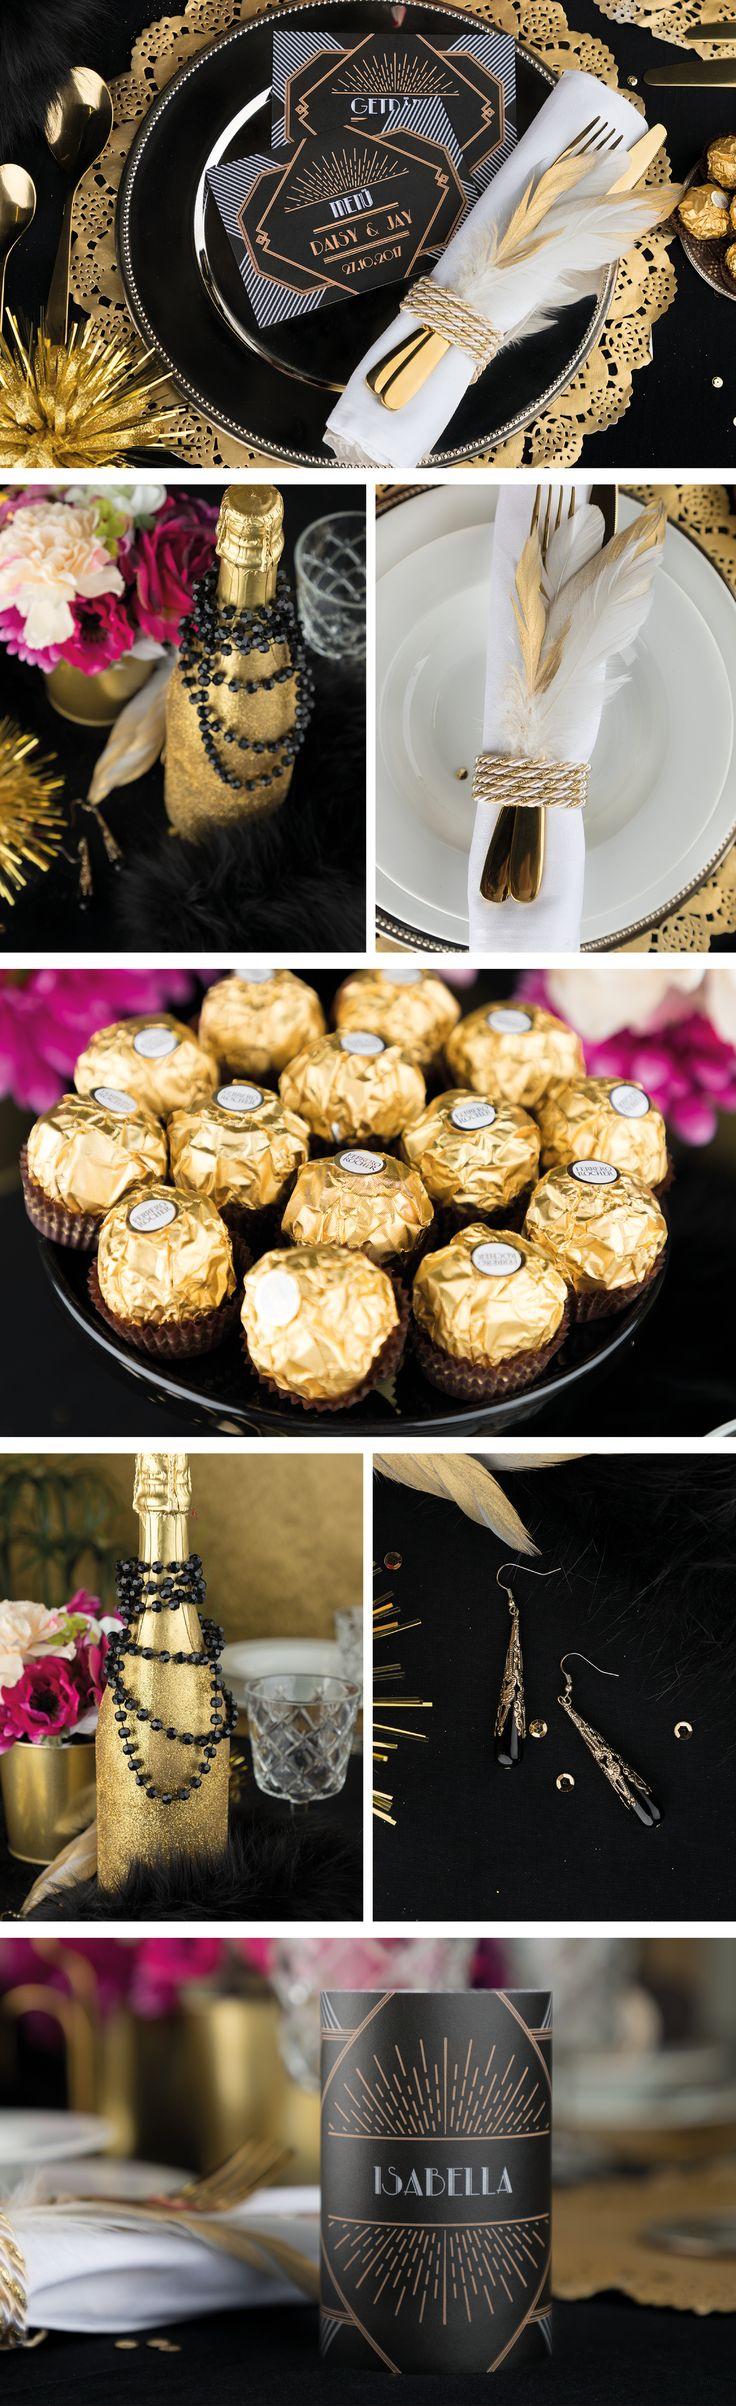 Die Gatsby-Hochzeit im Stil der 20er Jahre – so geht's   – Highlights Hochzeit